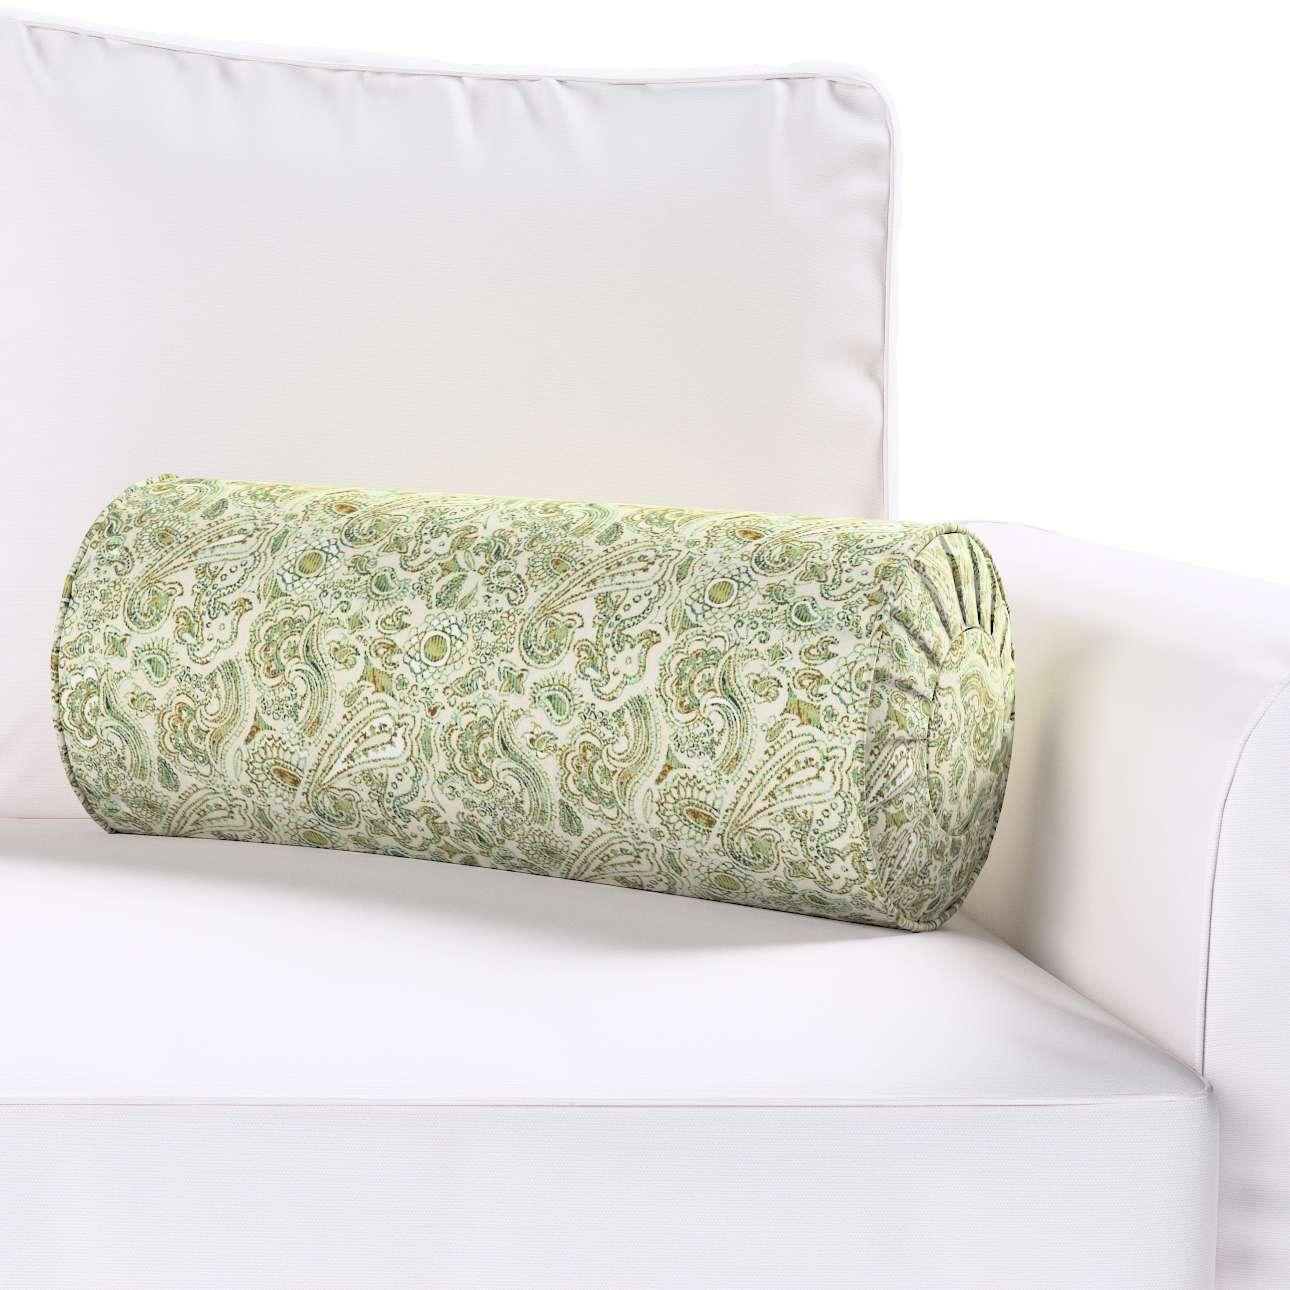 Poduszka wałek z zakładkami w kolekcji Flowers, tkanina: 143-68